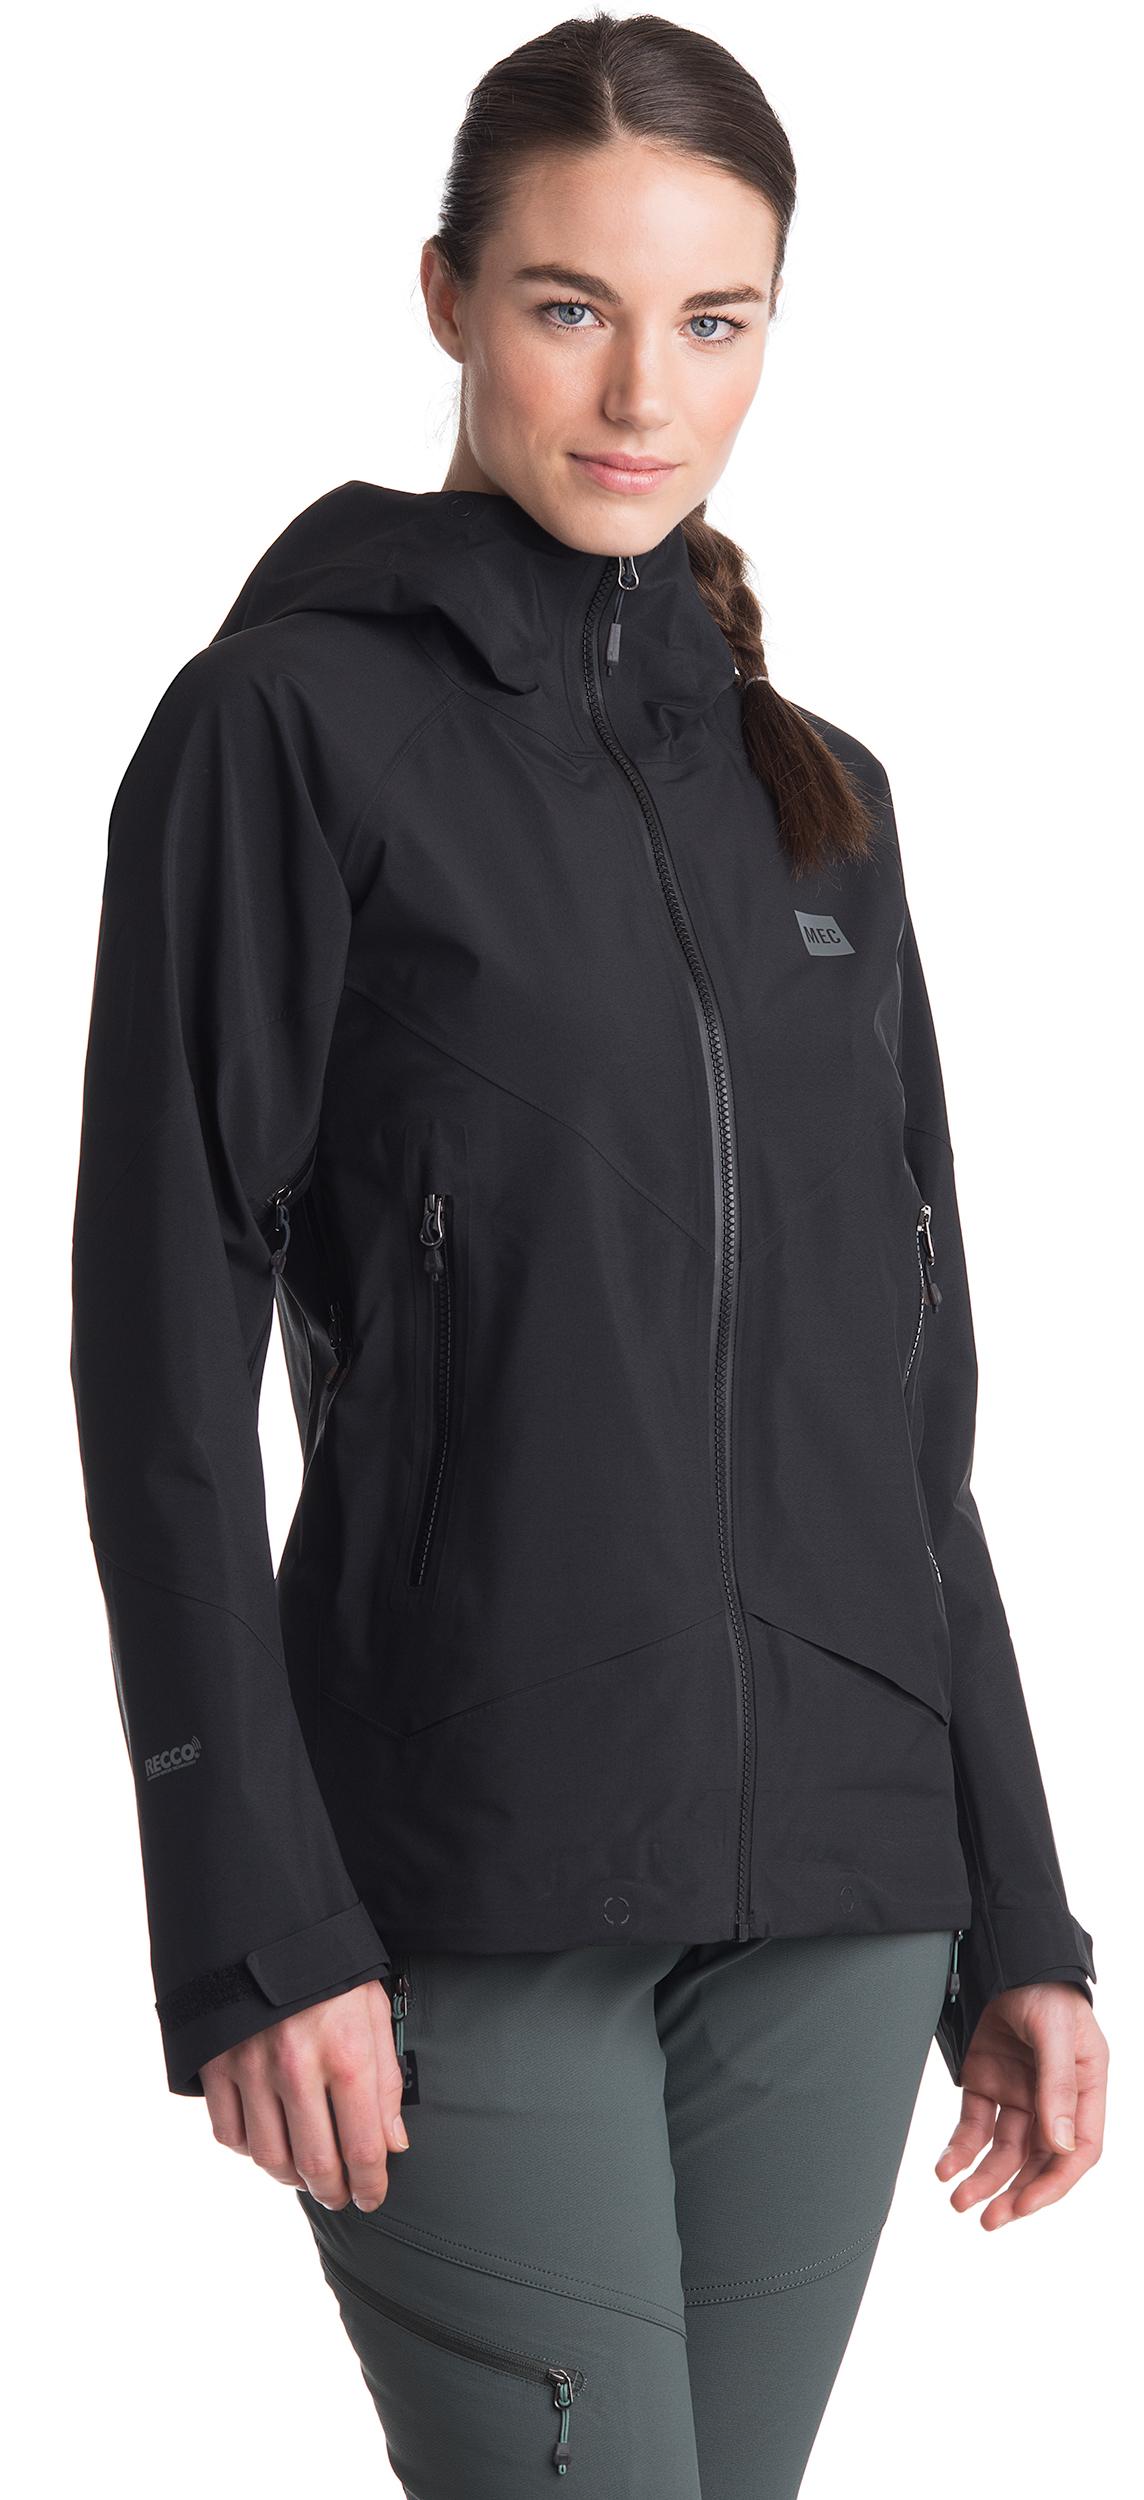 8b689fbd546 Women s Jackets